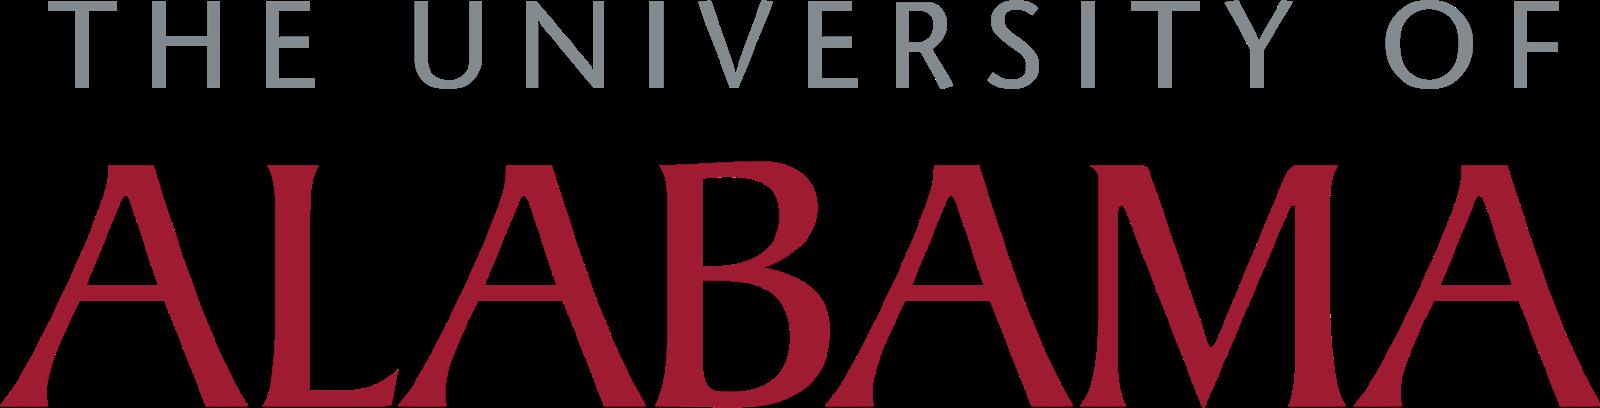 University of Alabama Scholarships